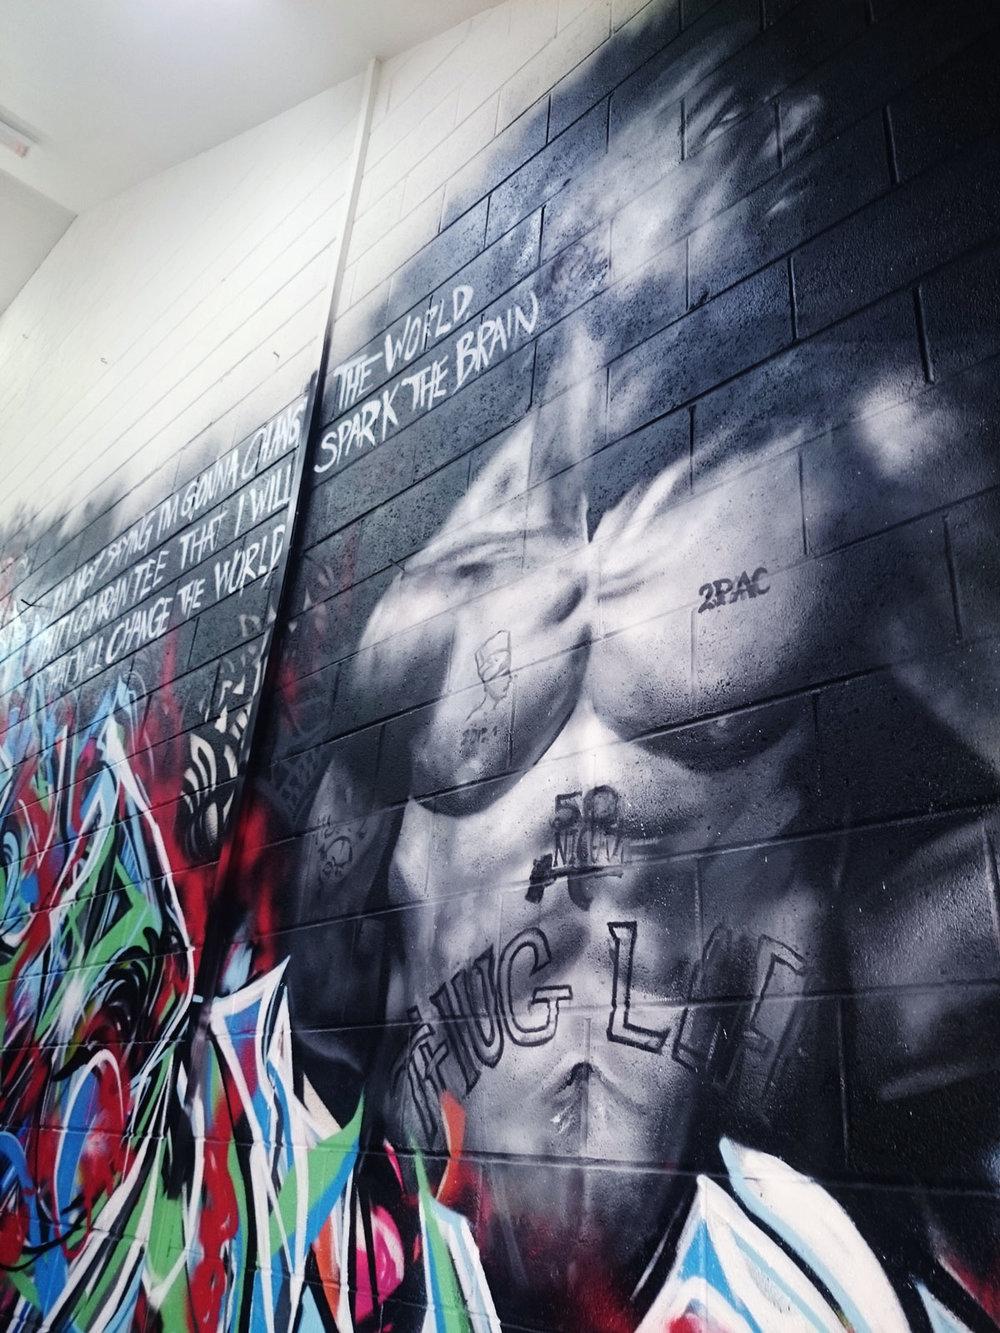 2pac_mural-1.jpg